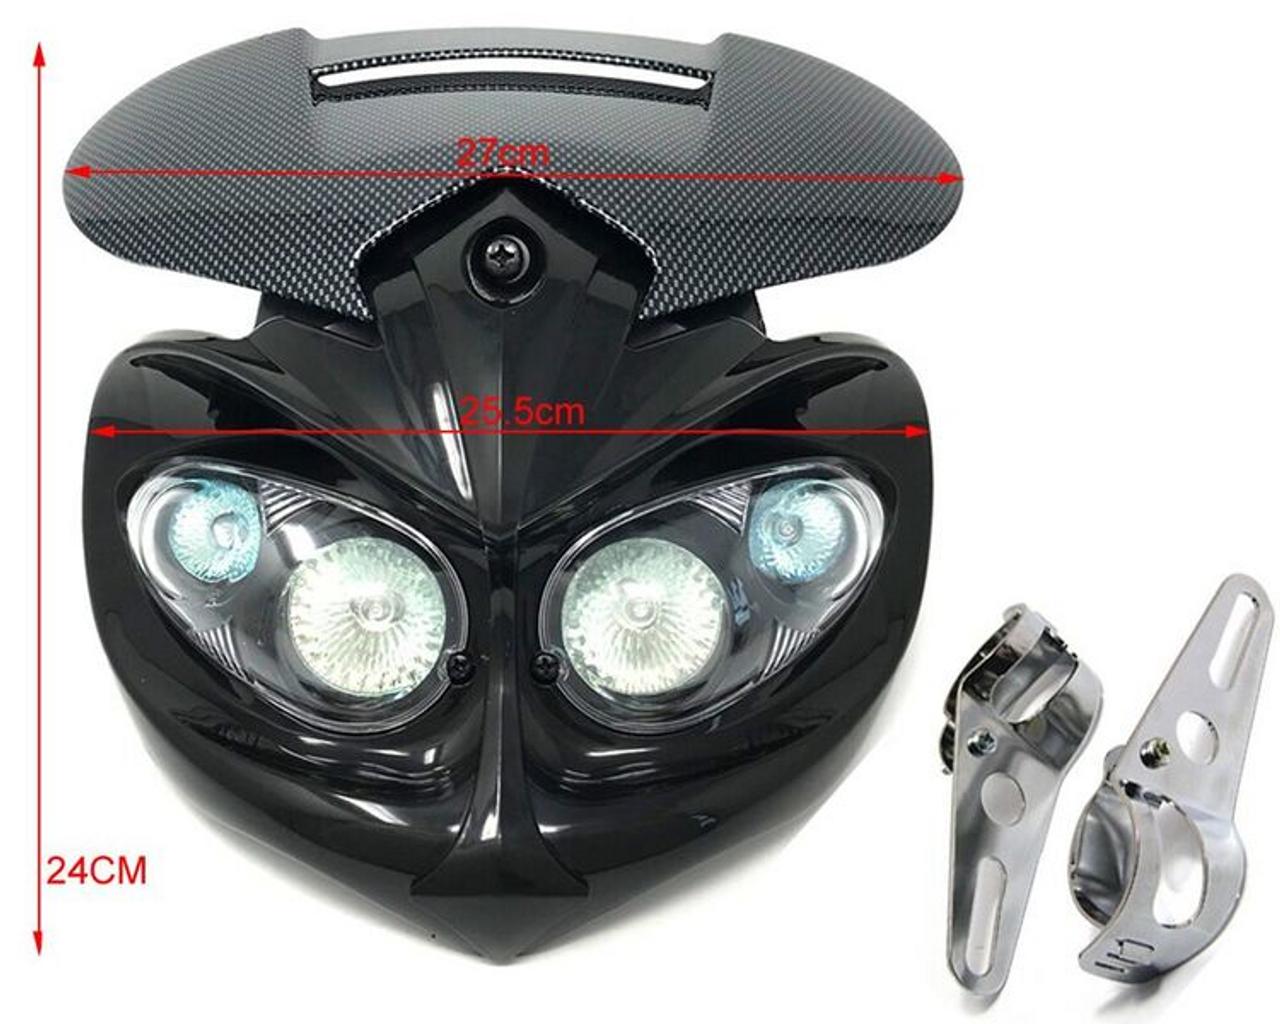 Headlight Bracket alternative for Streetfighter